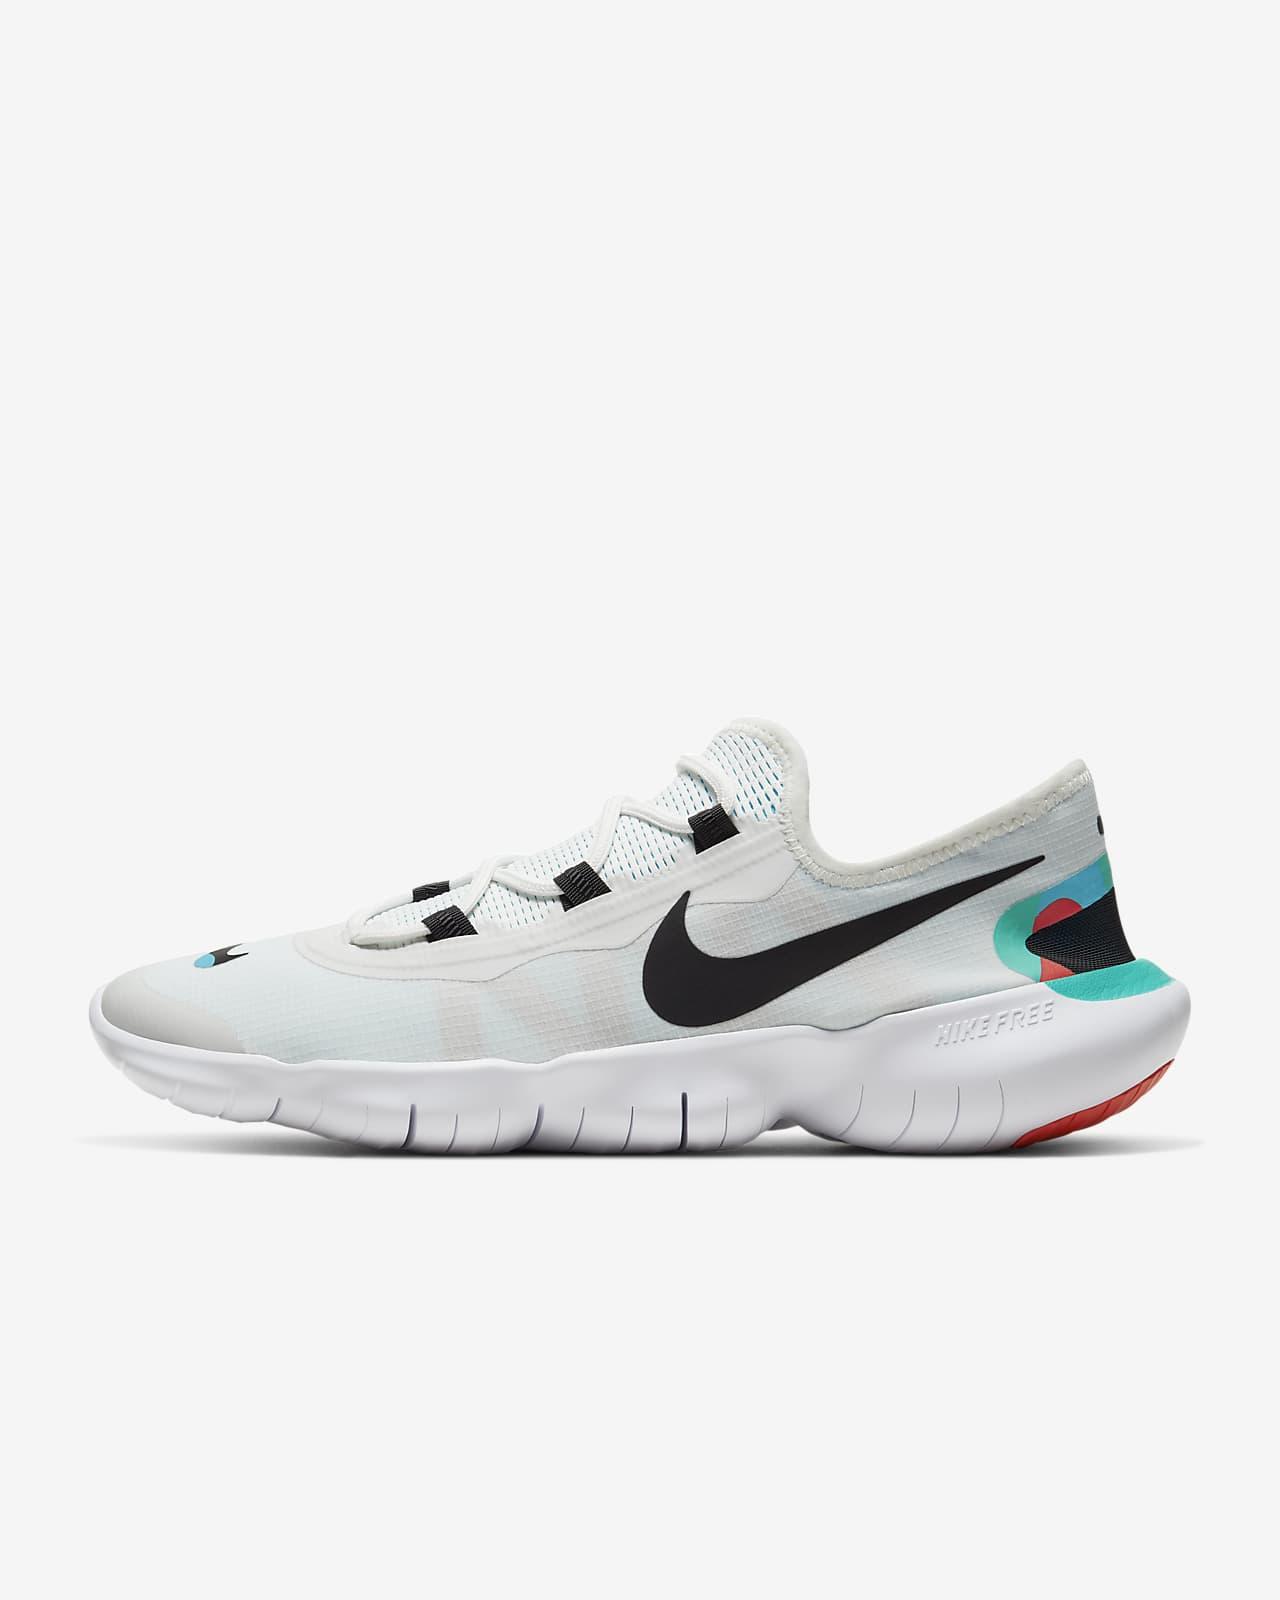 Nike Free RN 5.0 2020 Men's Running Shoe